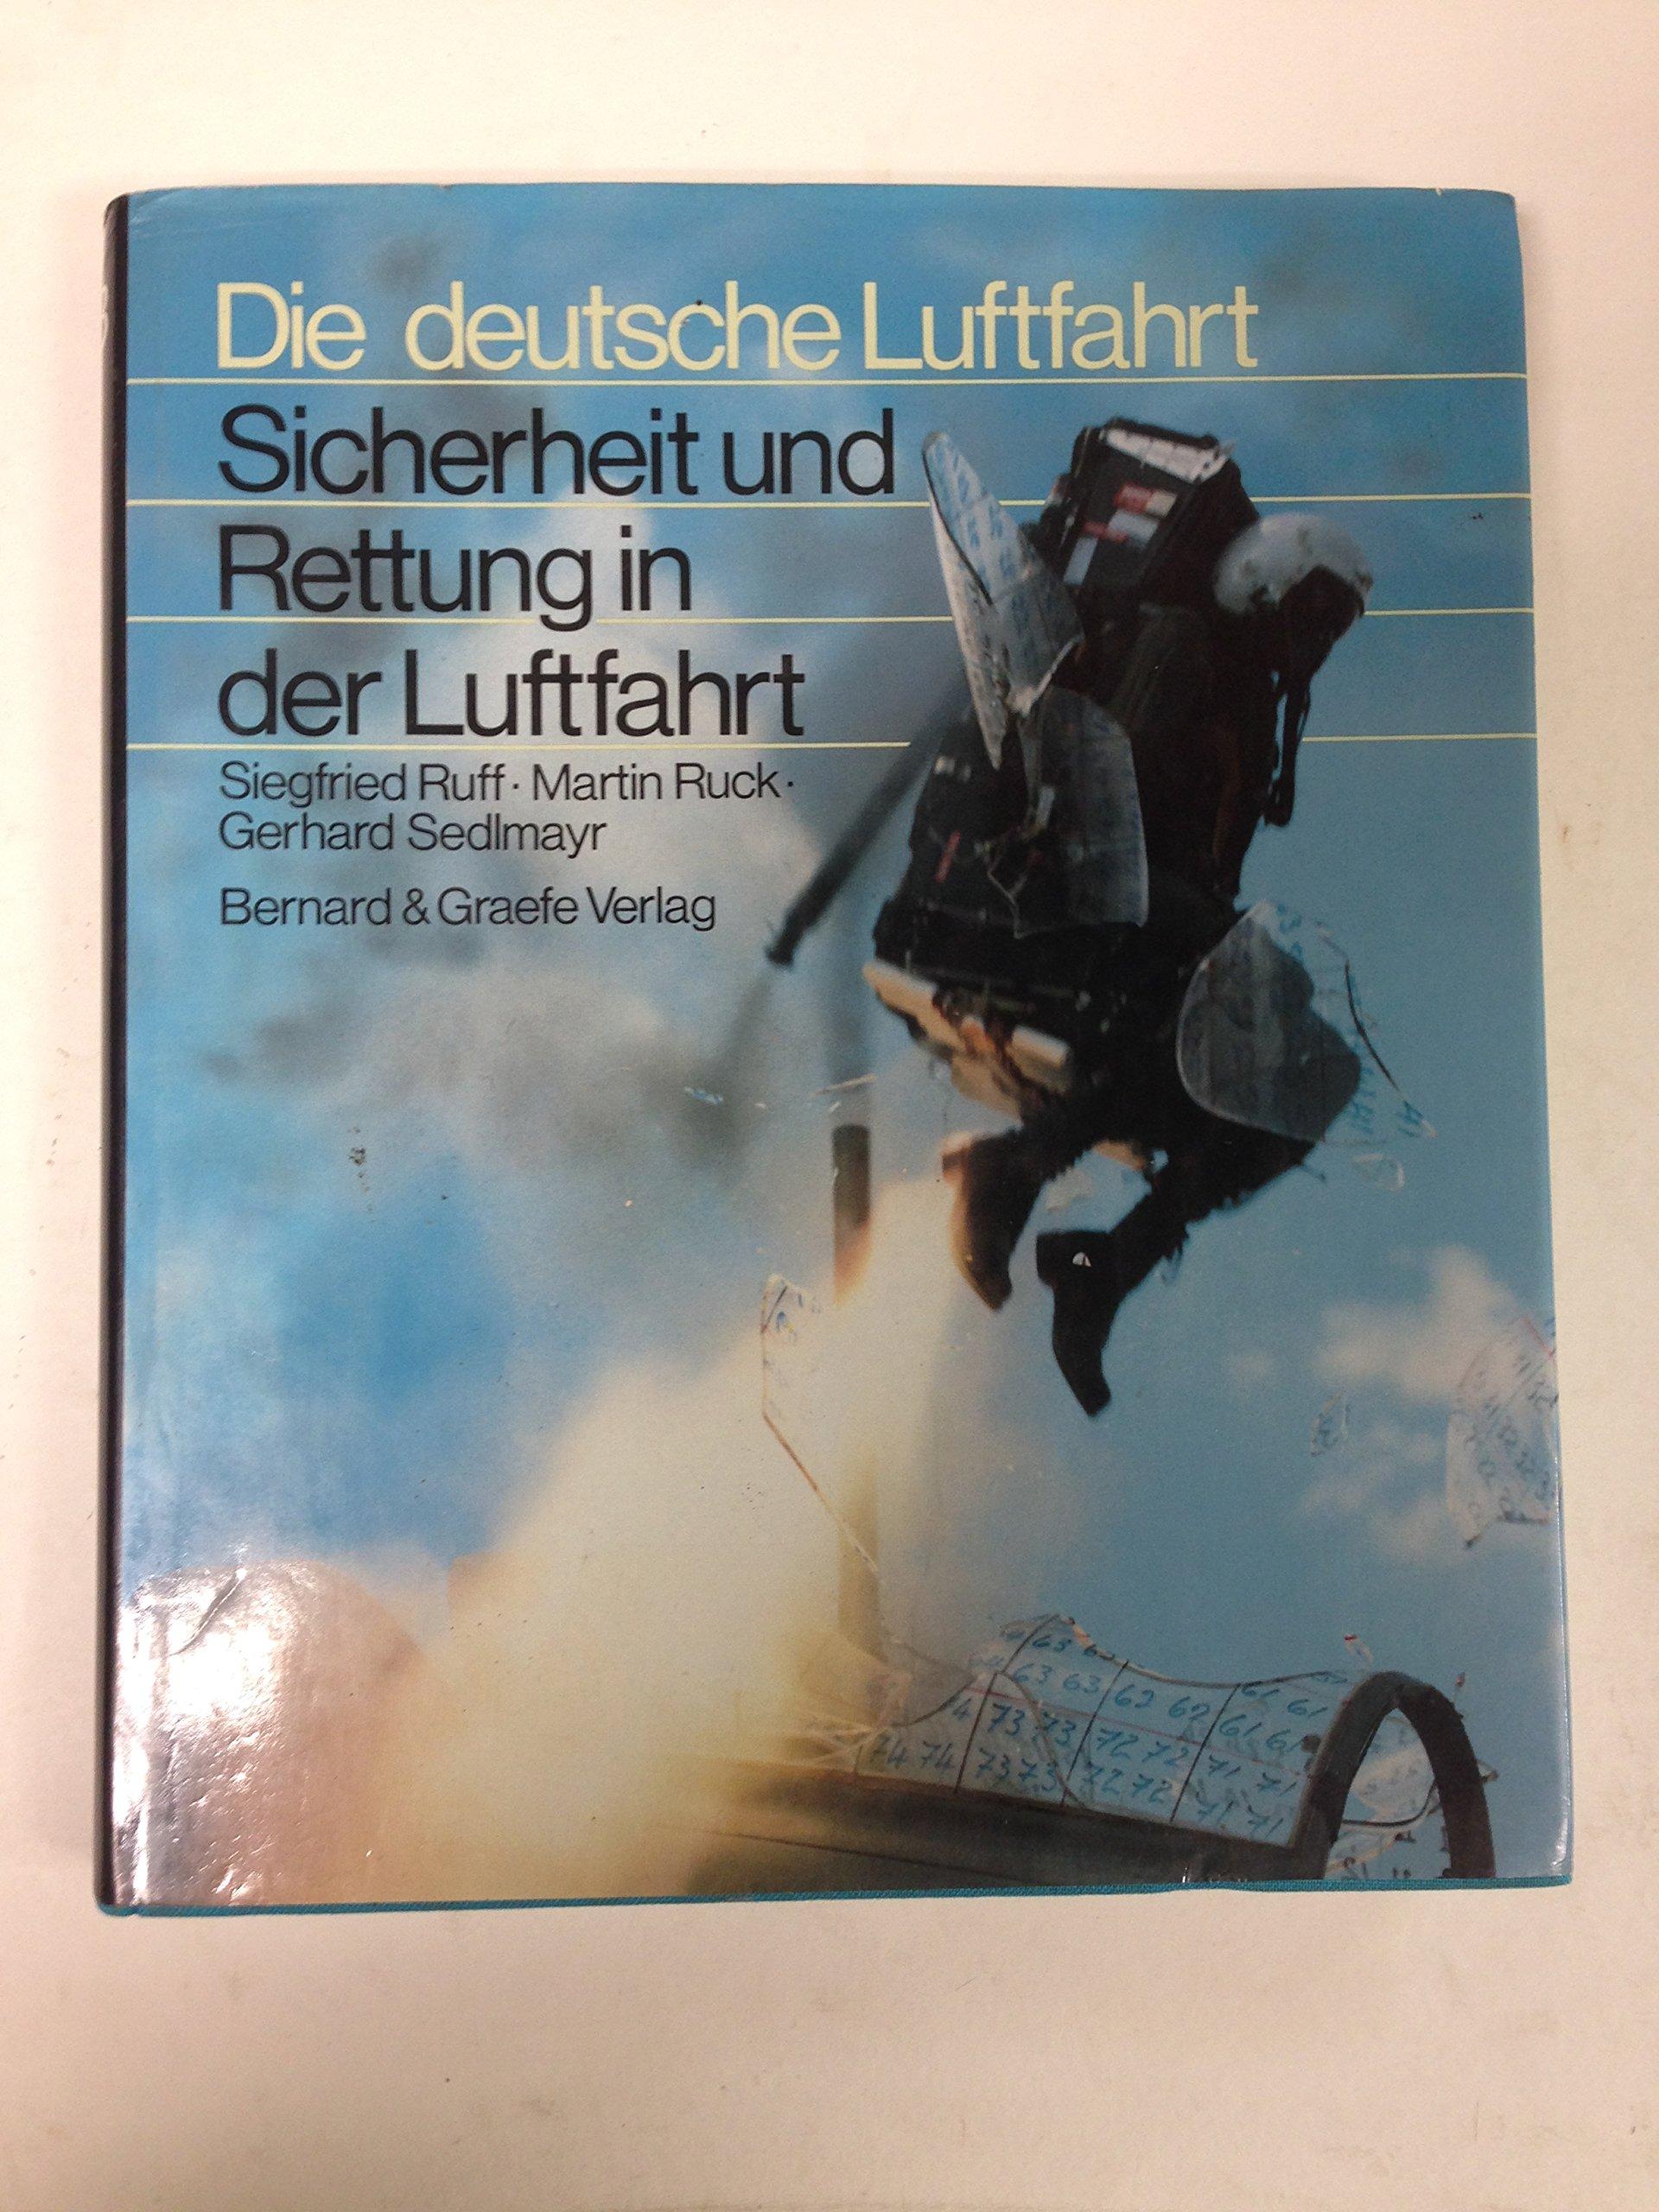 Kampfflugzeuge und Aufklärer: Entwicklung, Produktion, Einsatz und zeitgeschichtliche Rahmenbedingungen von 1935 bis heute (Die deutsche Luftfahrt, Band 15)